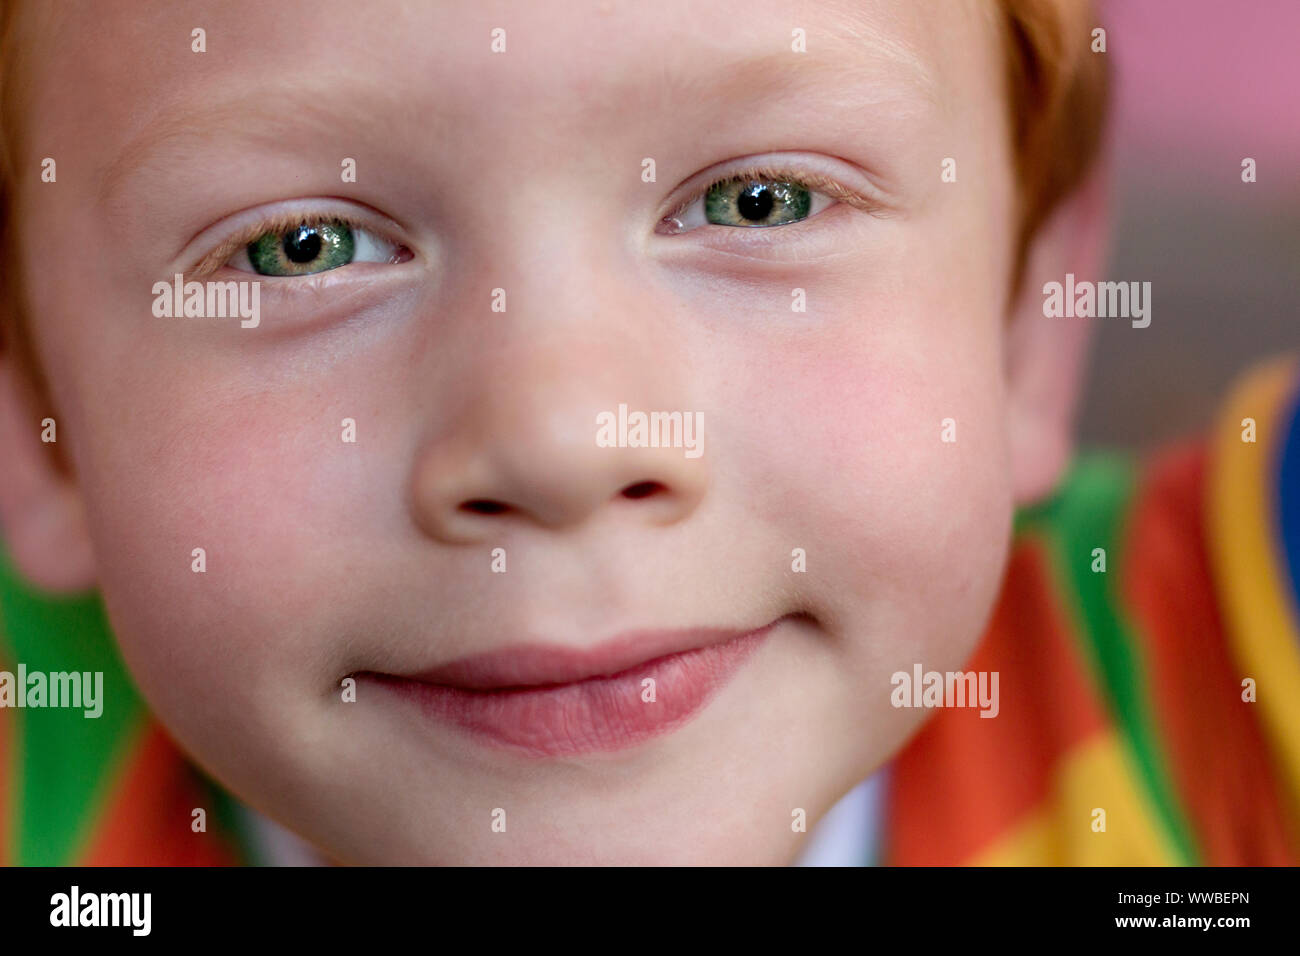 Gros plan du beau garçon des yeux. Portrait enfant aux yeux verts à directement à l'appareil photo. Drôle de petit enfant avec des cheveux bouclés le gingembre. Vision Banque D'Images